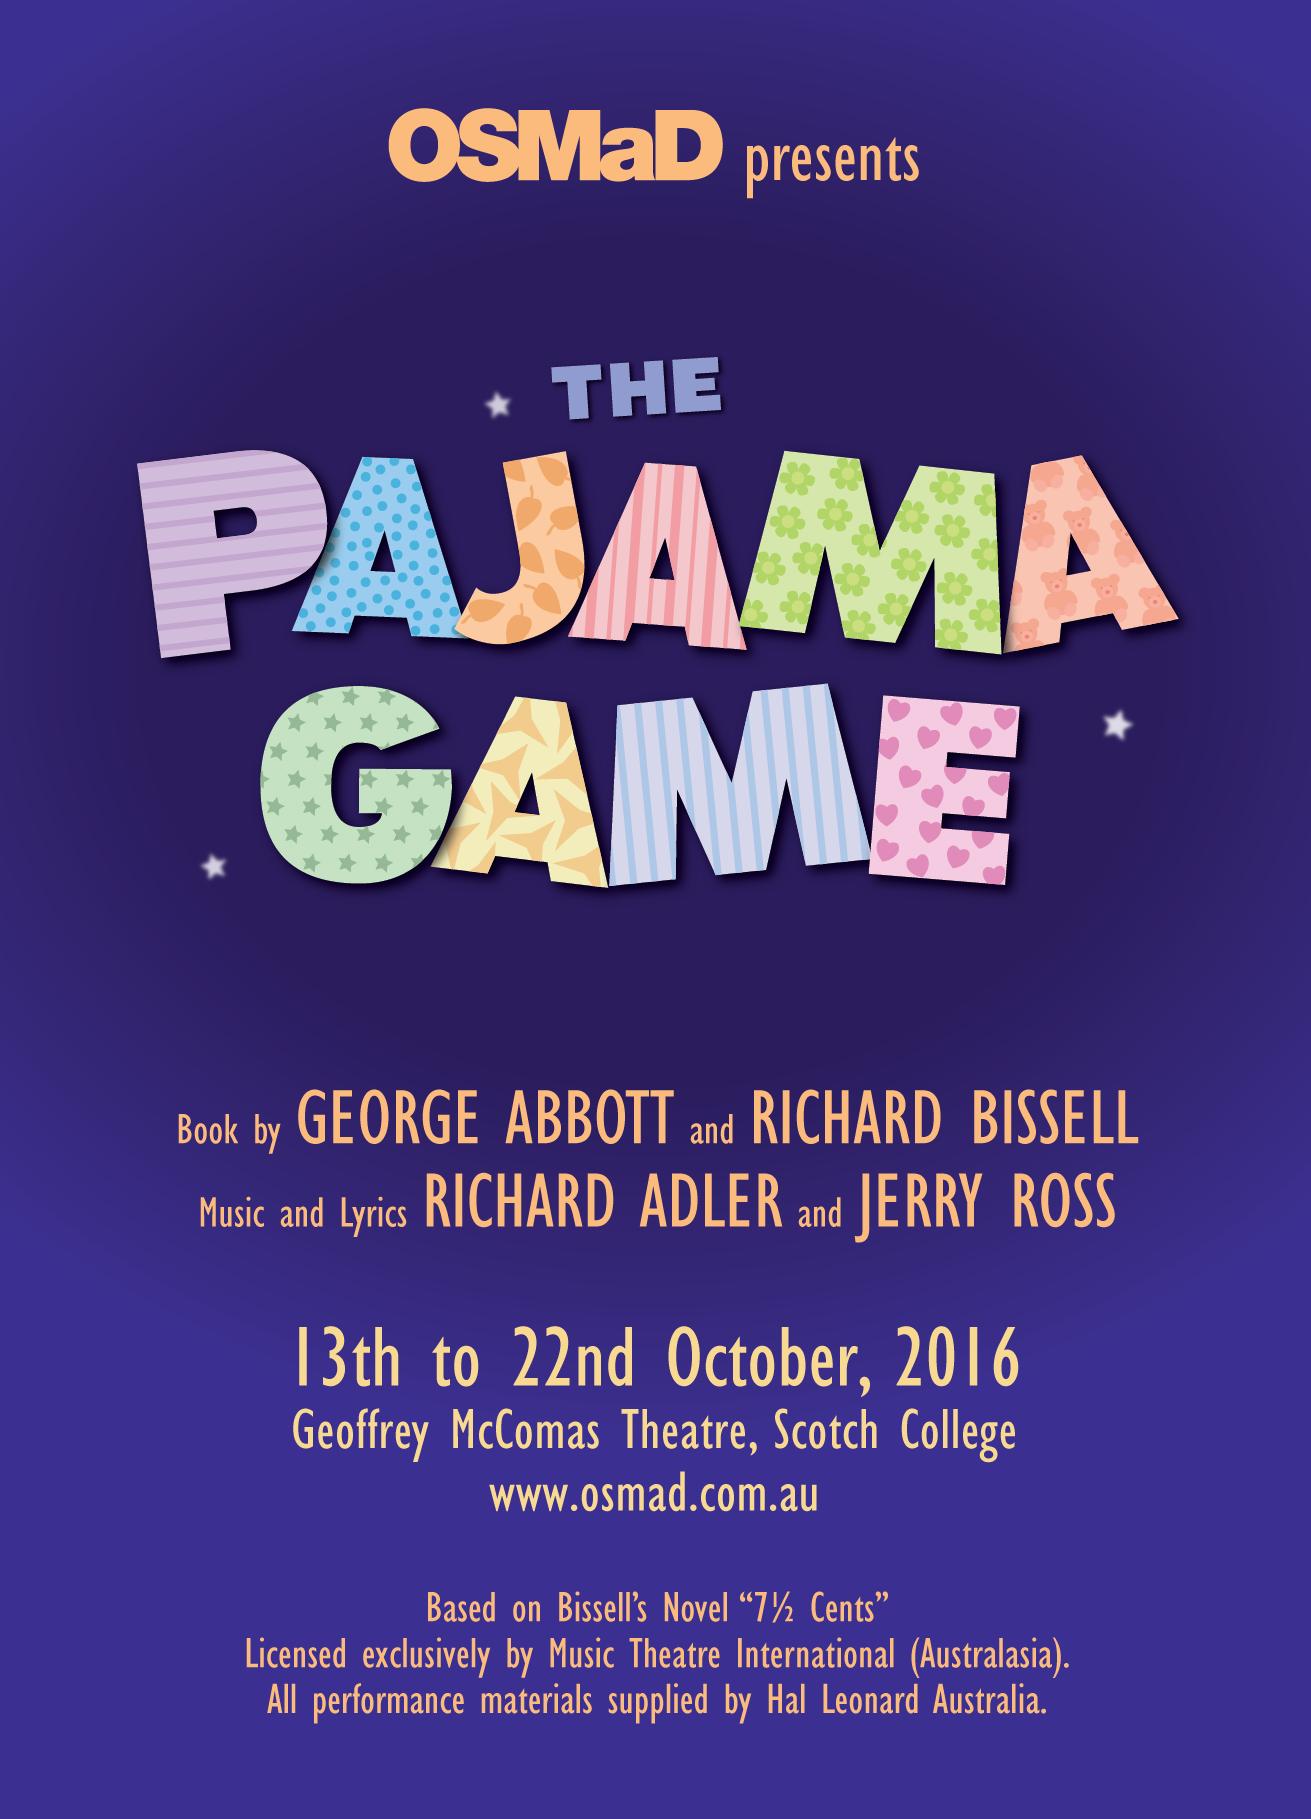 The Pajama Game 2016